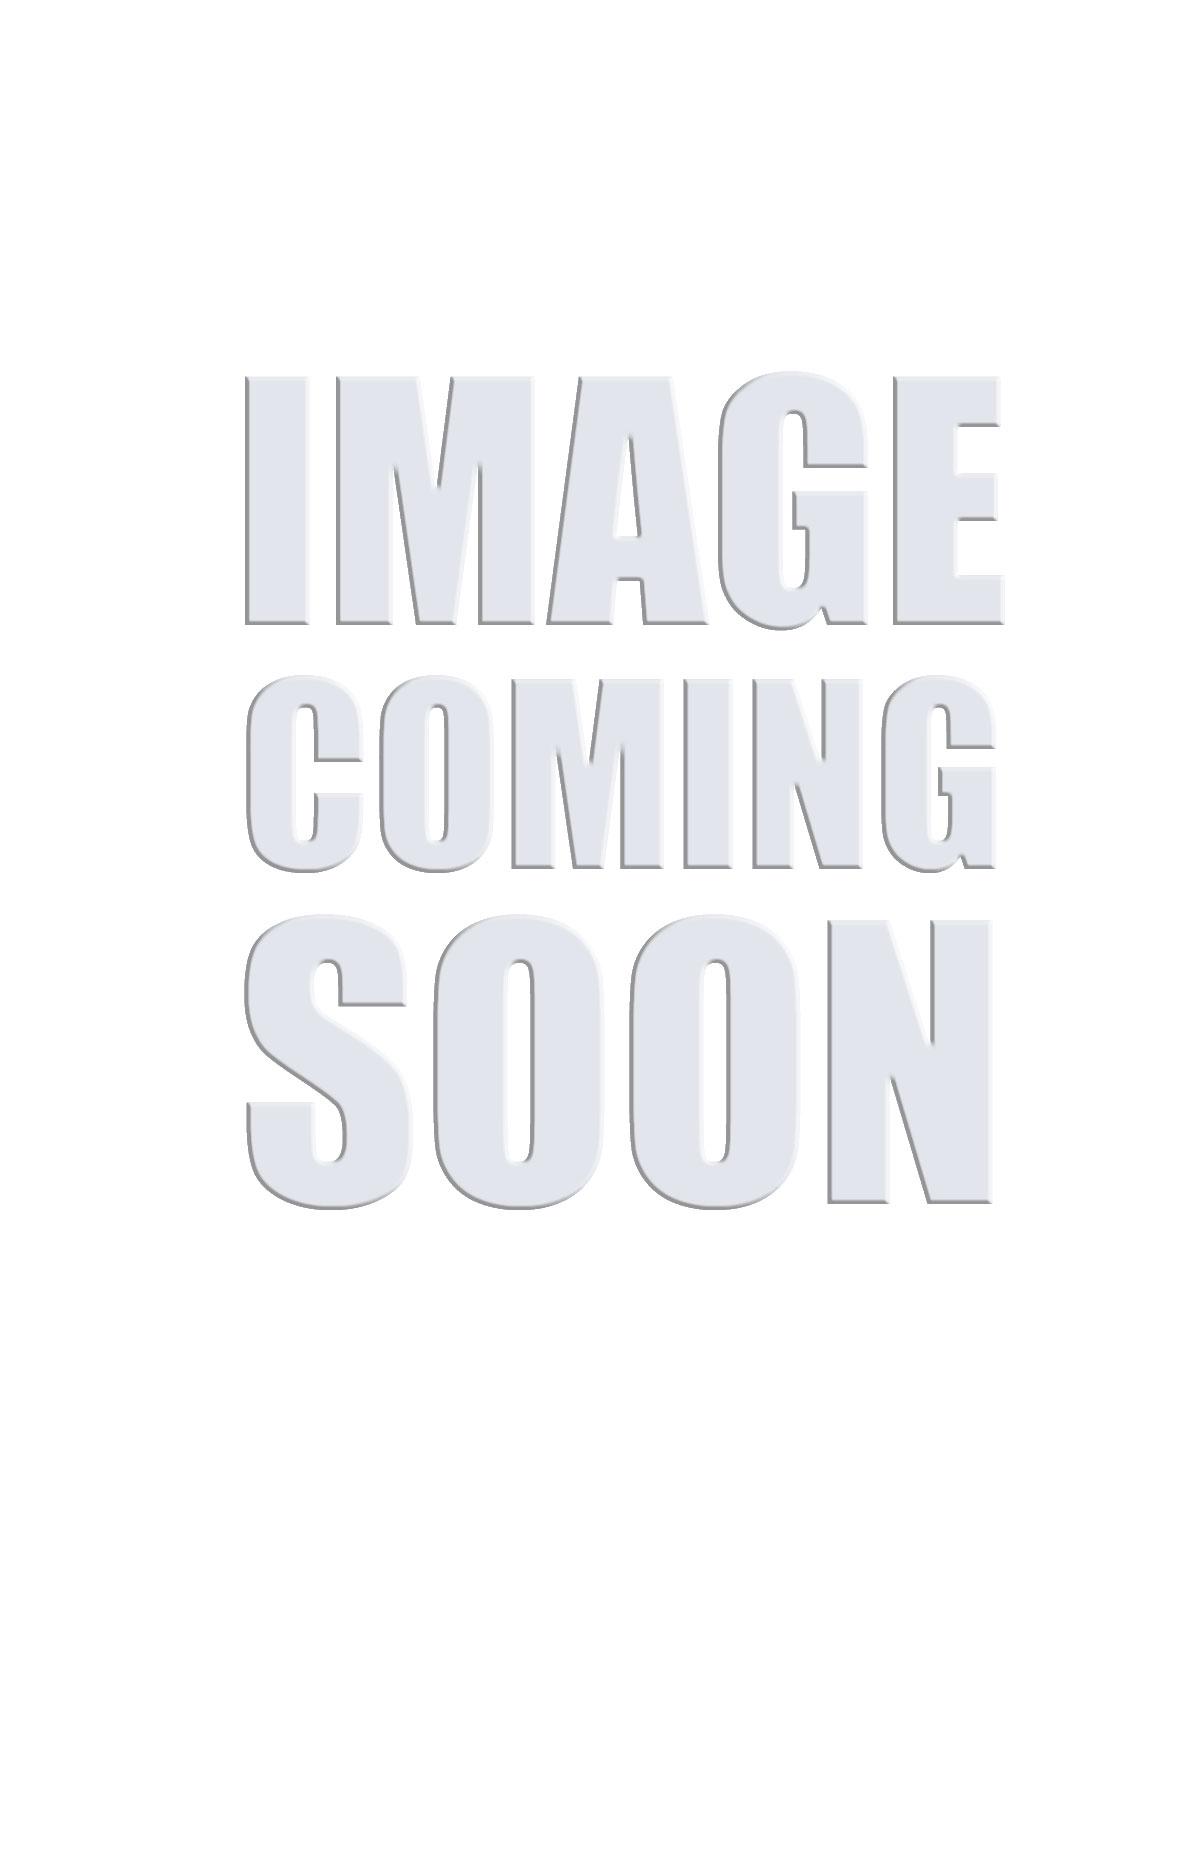 Demo - 1600 RPM Millennium Edition Burnisher